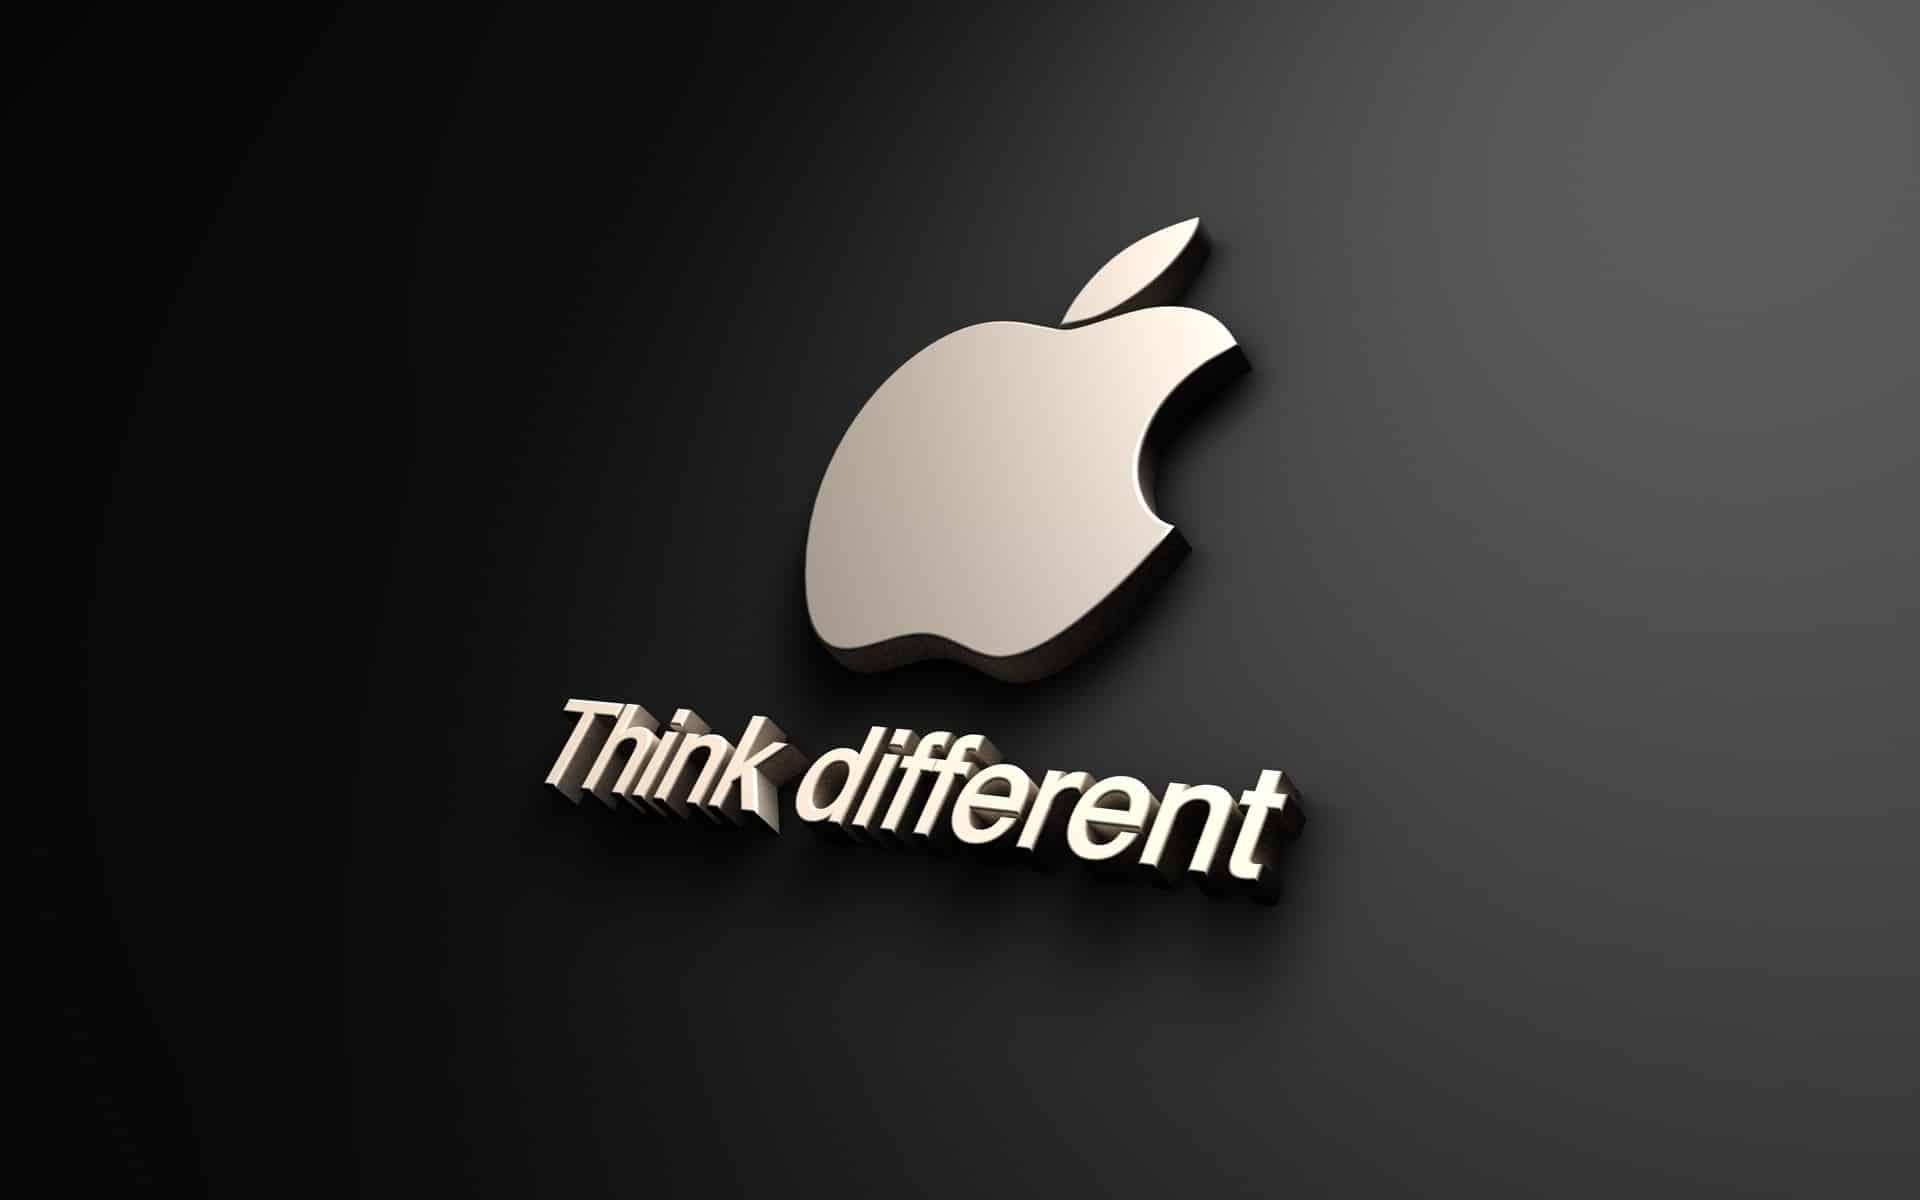 apple-icon-apple لماذا لم نعد نعتبر آبل شركة مبدعة ؟